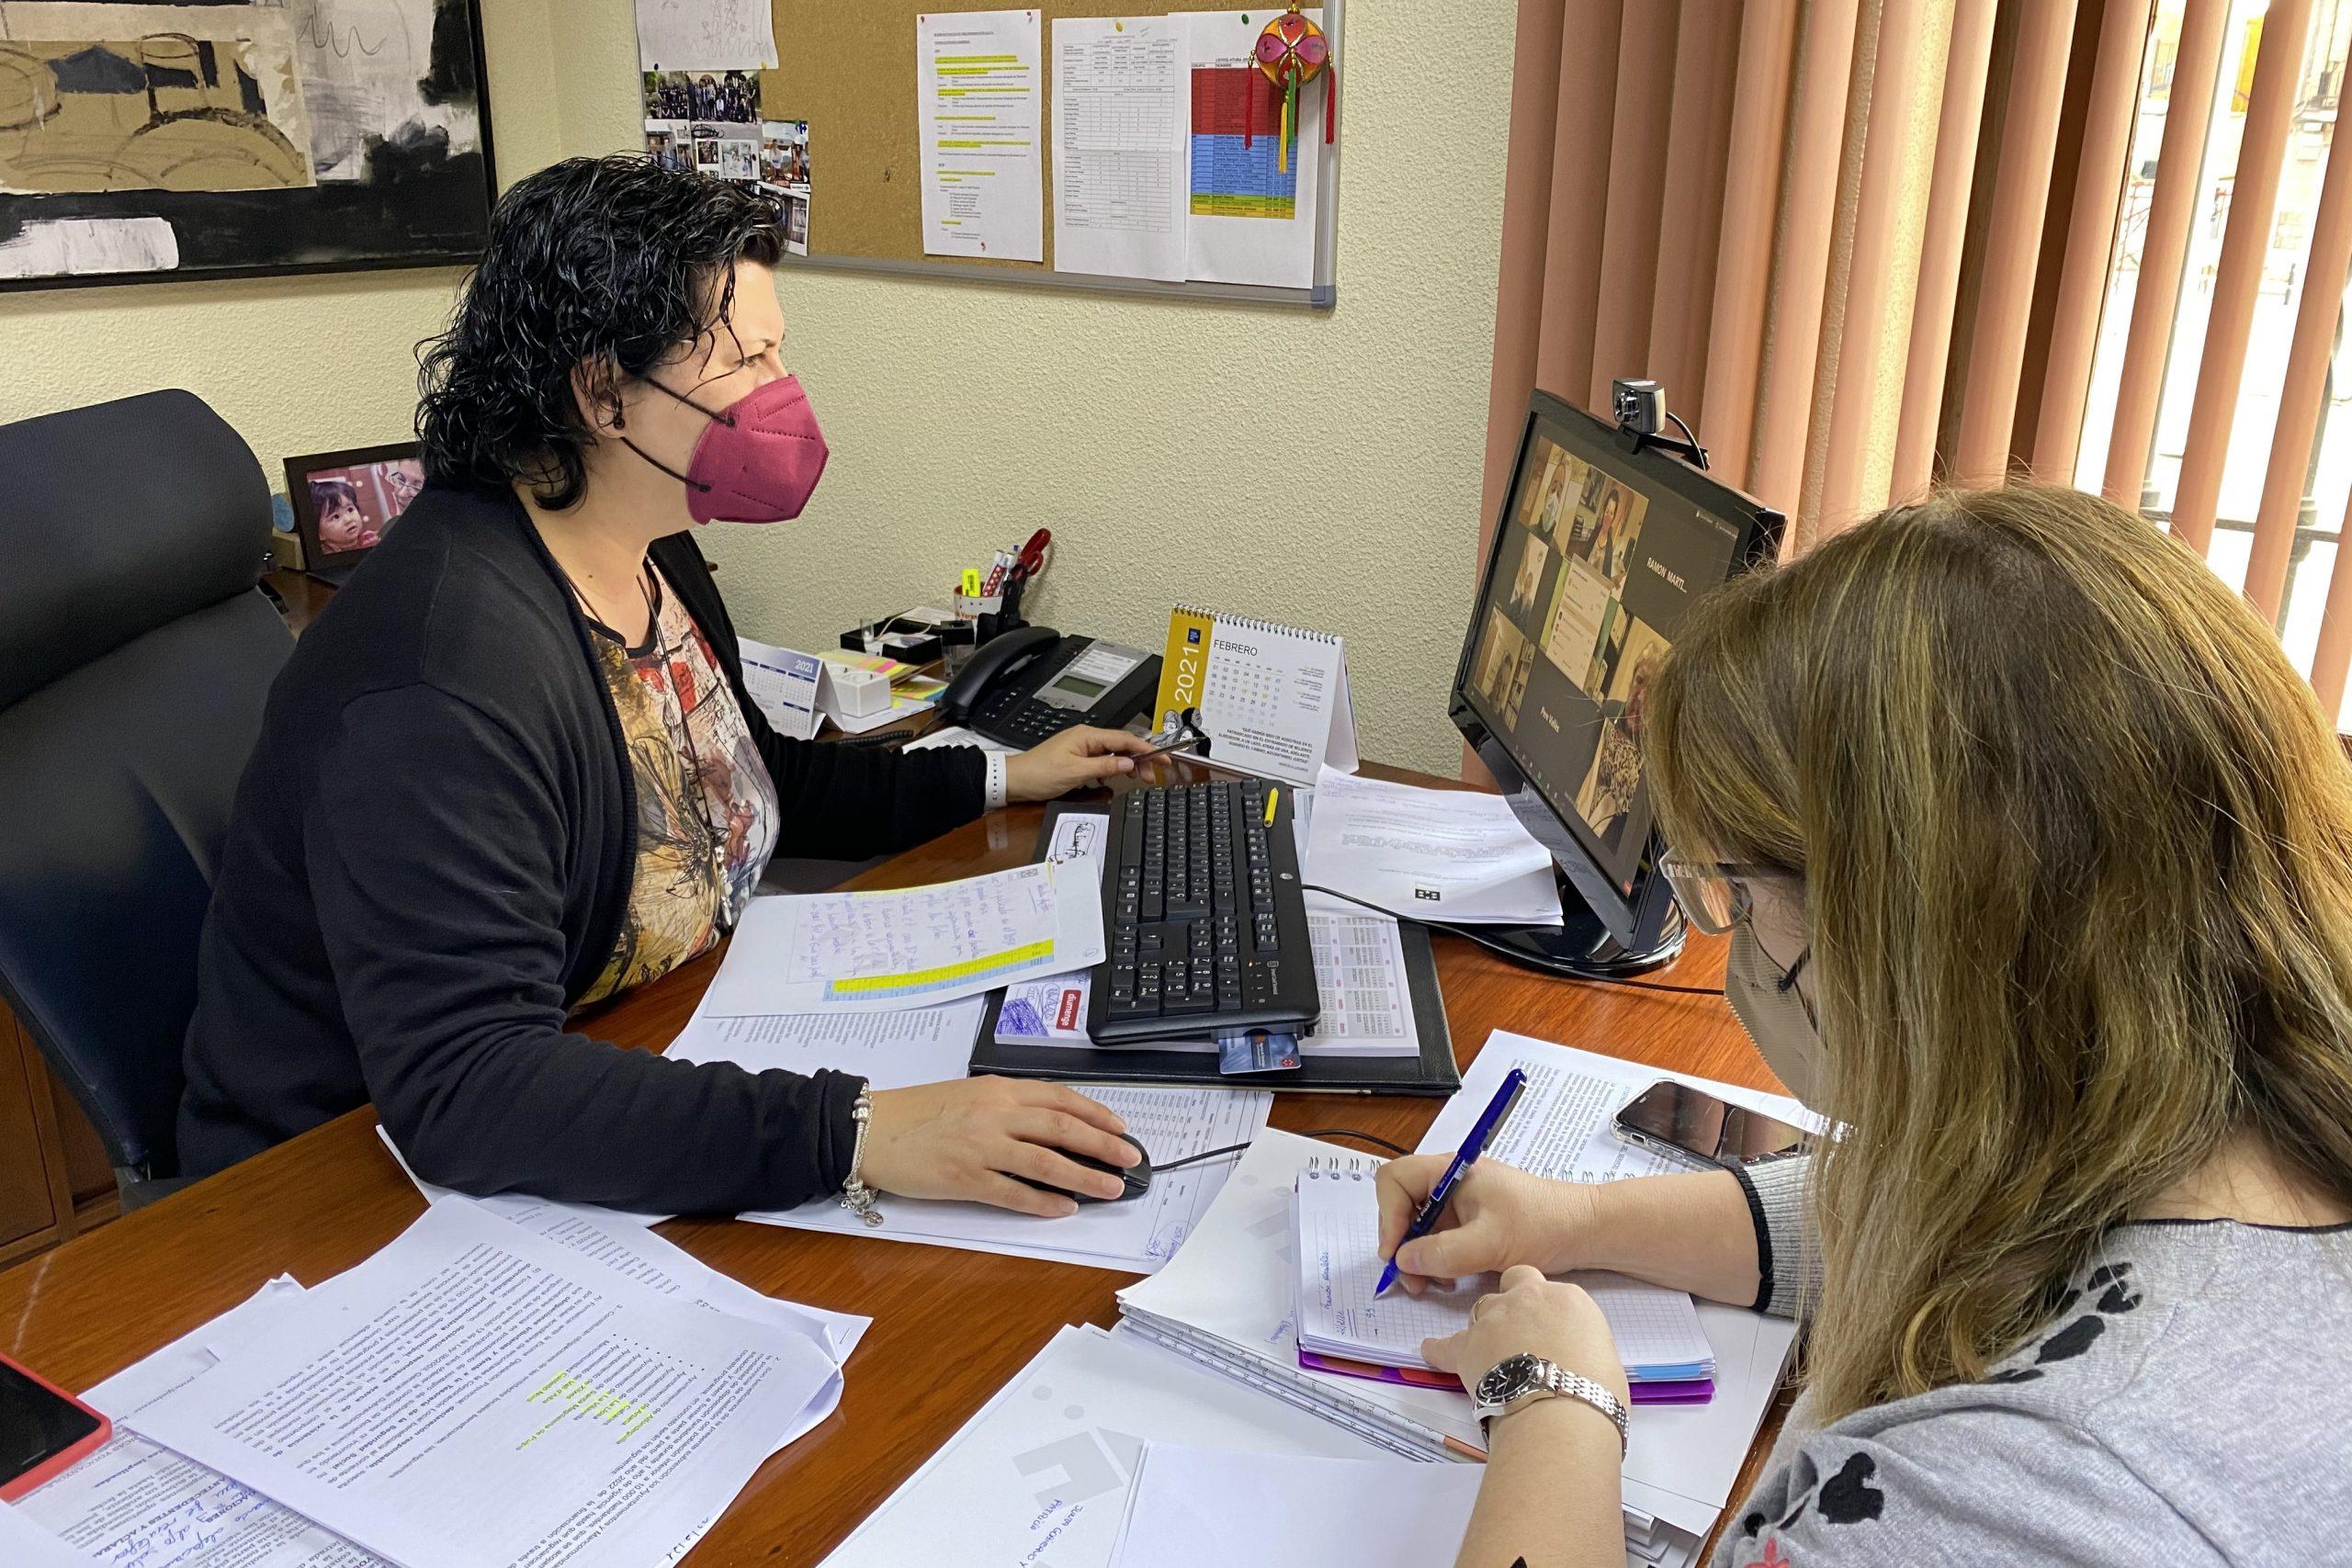 La Diputación de Castellón activará en marzo el nuevo sistema de financiación de los servicios sociales municipales con la firma de los primeros contratos-programa